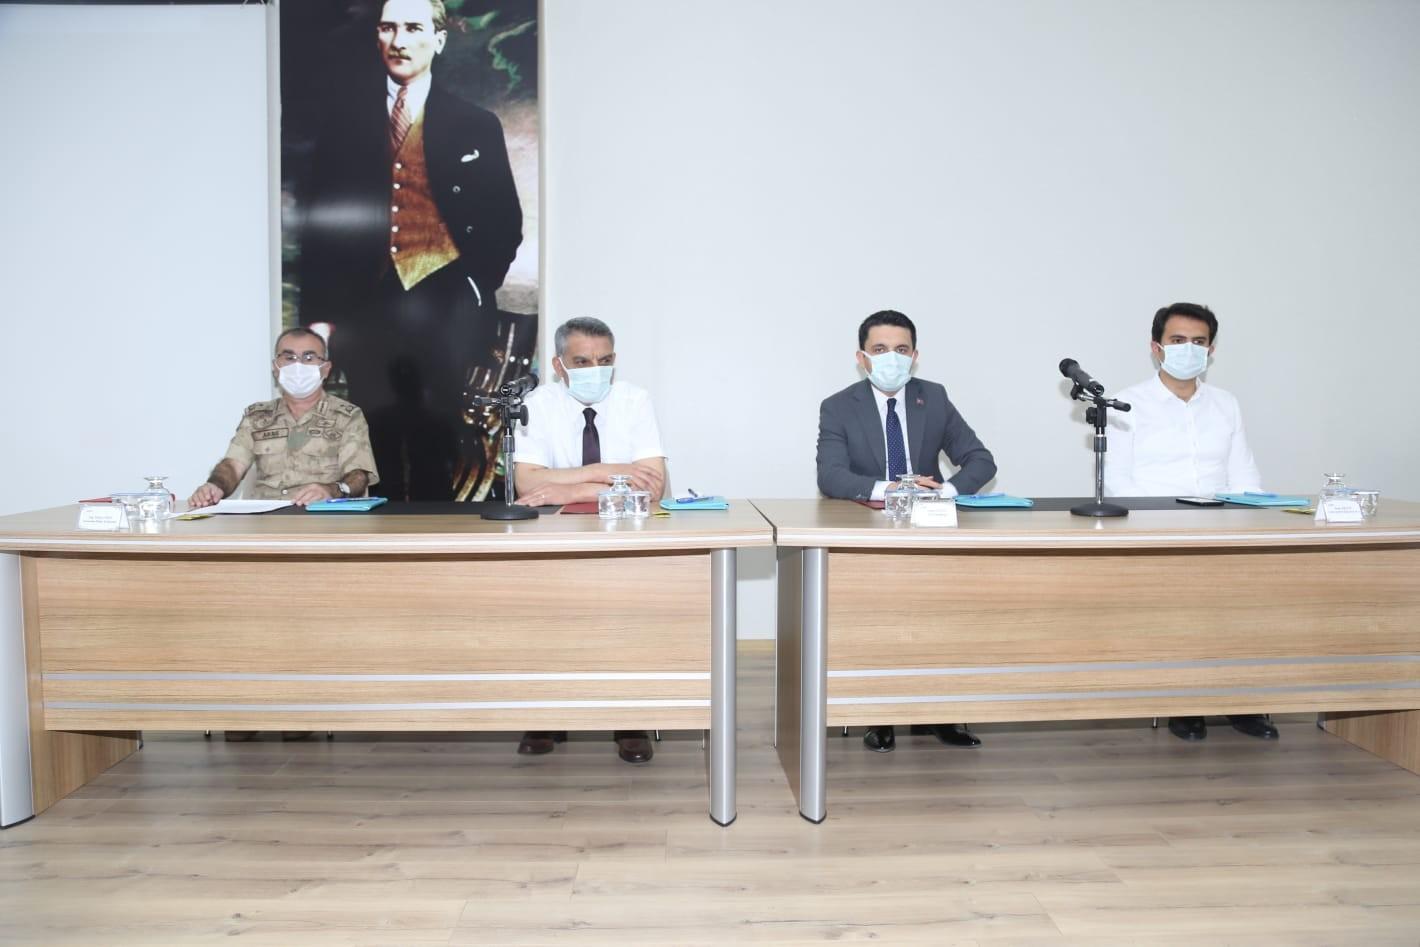 Tunceli'de tasarruf tedbirleri toplantısı gerçekleştirildi